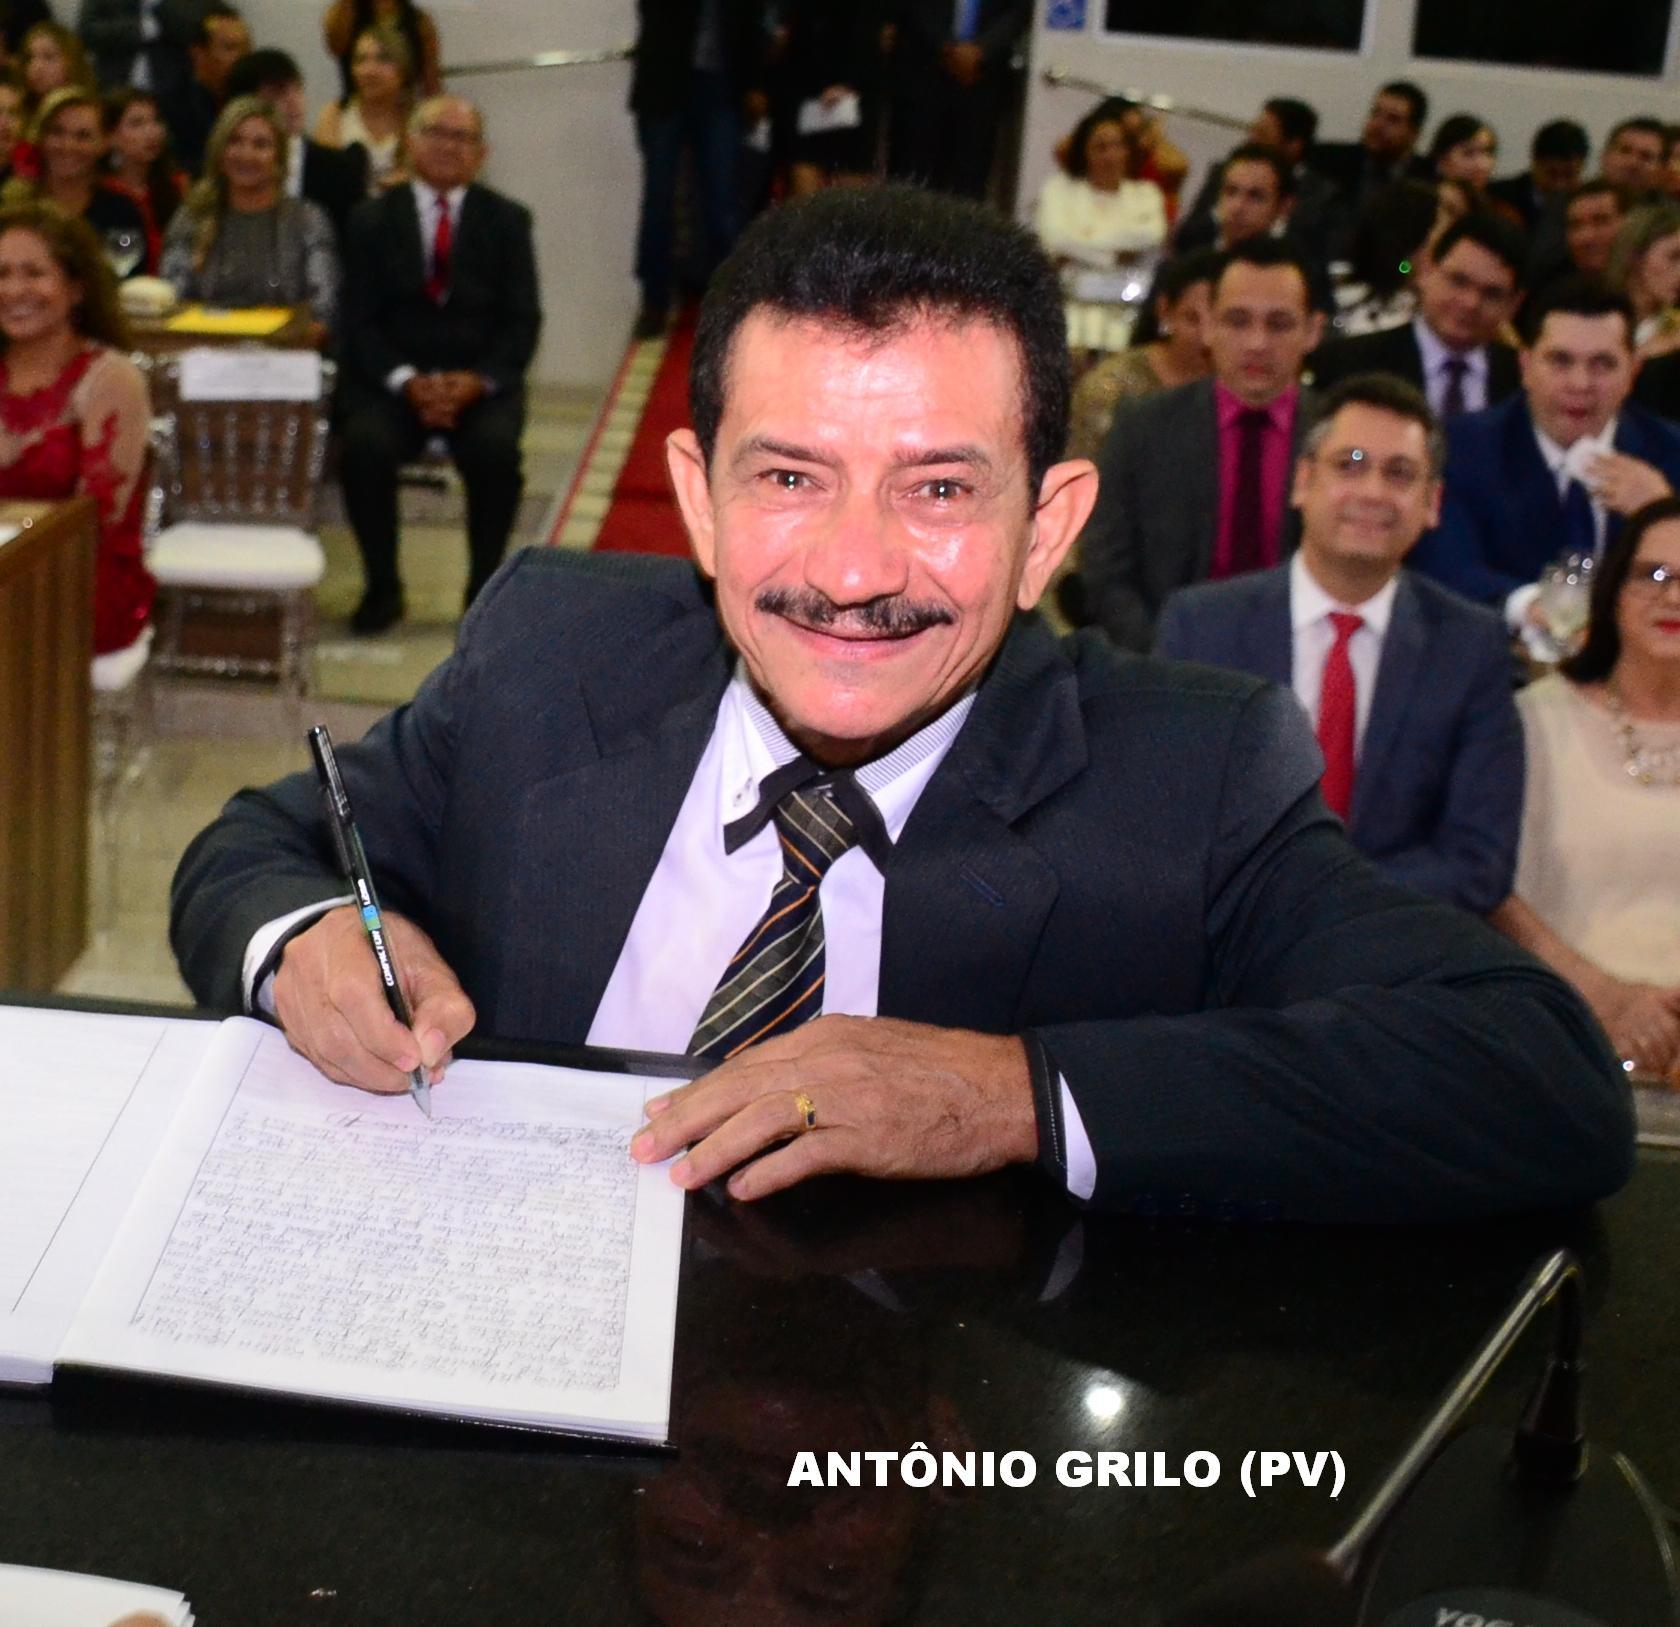 ANTONIO GRILO.JPG